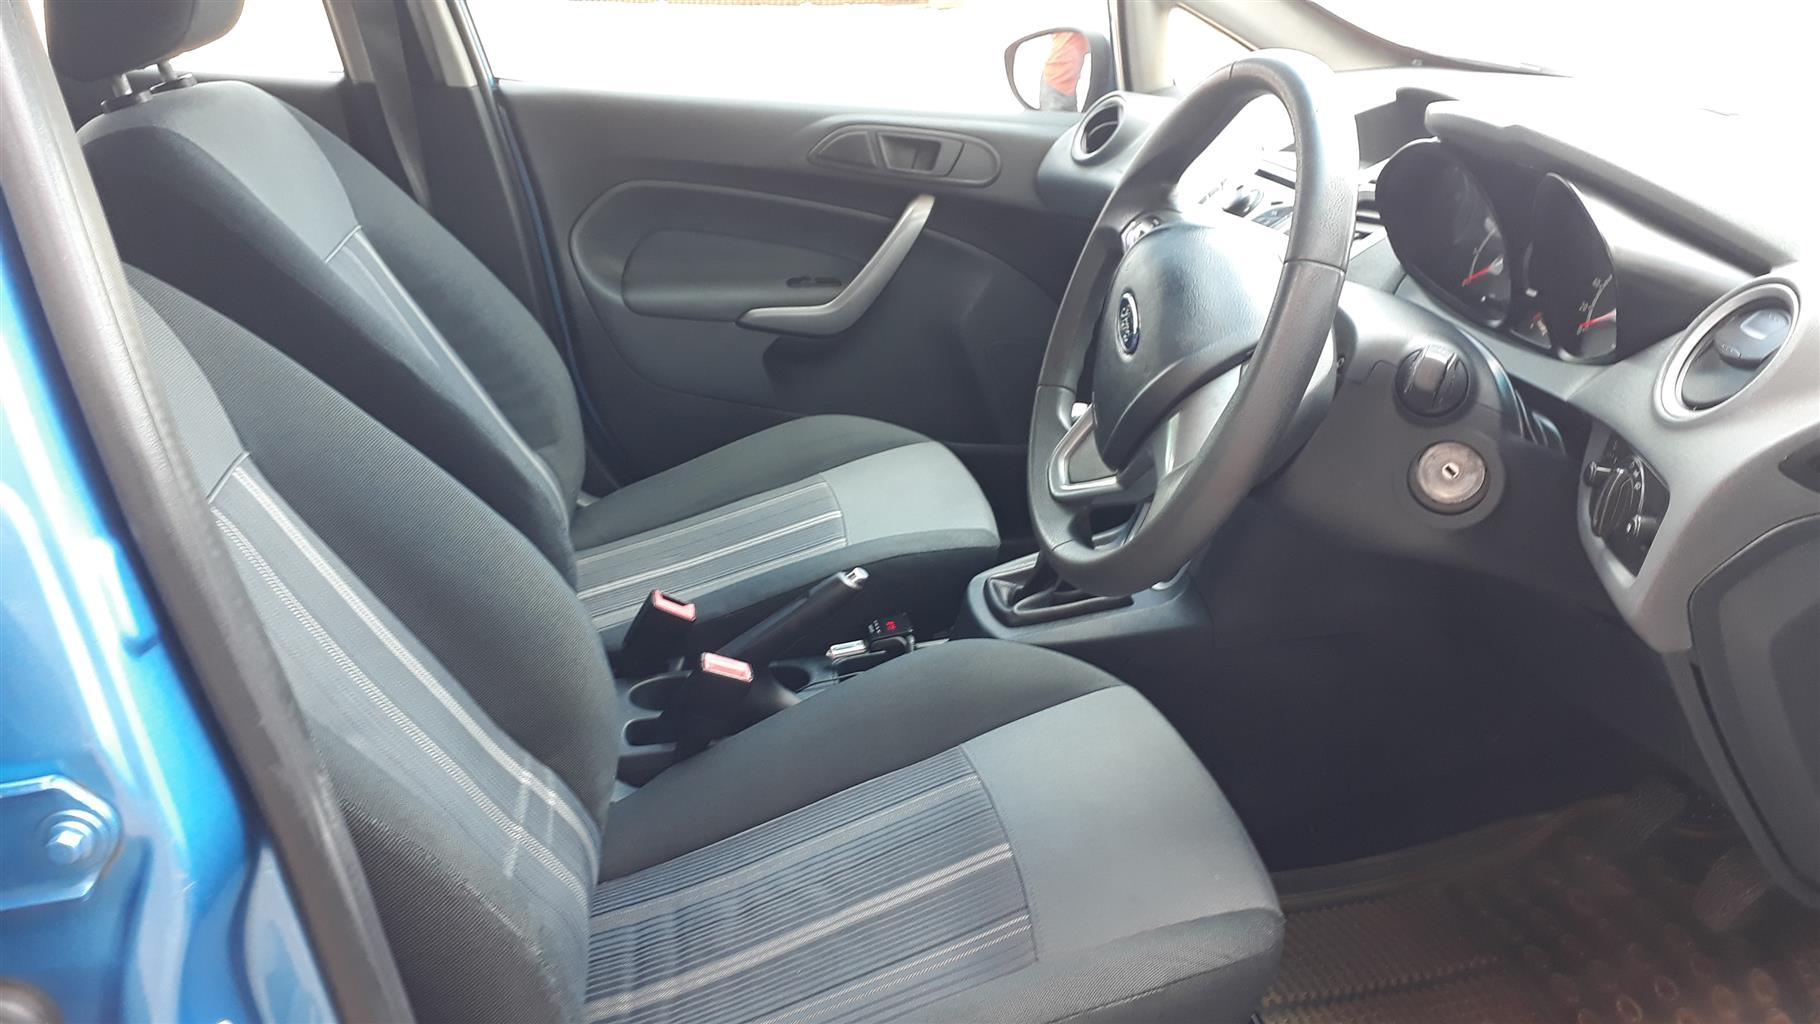 2009 Ford Fiesta 1.6 5 door Trend